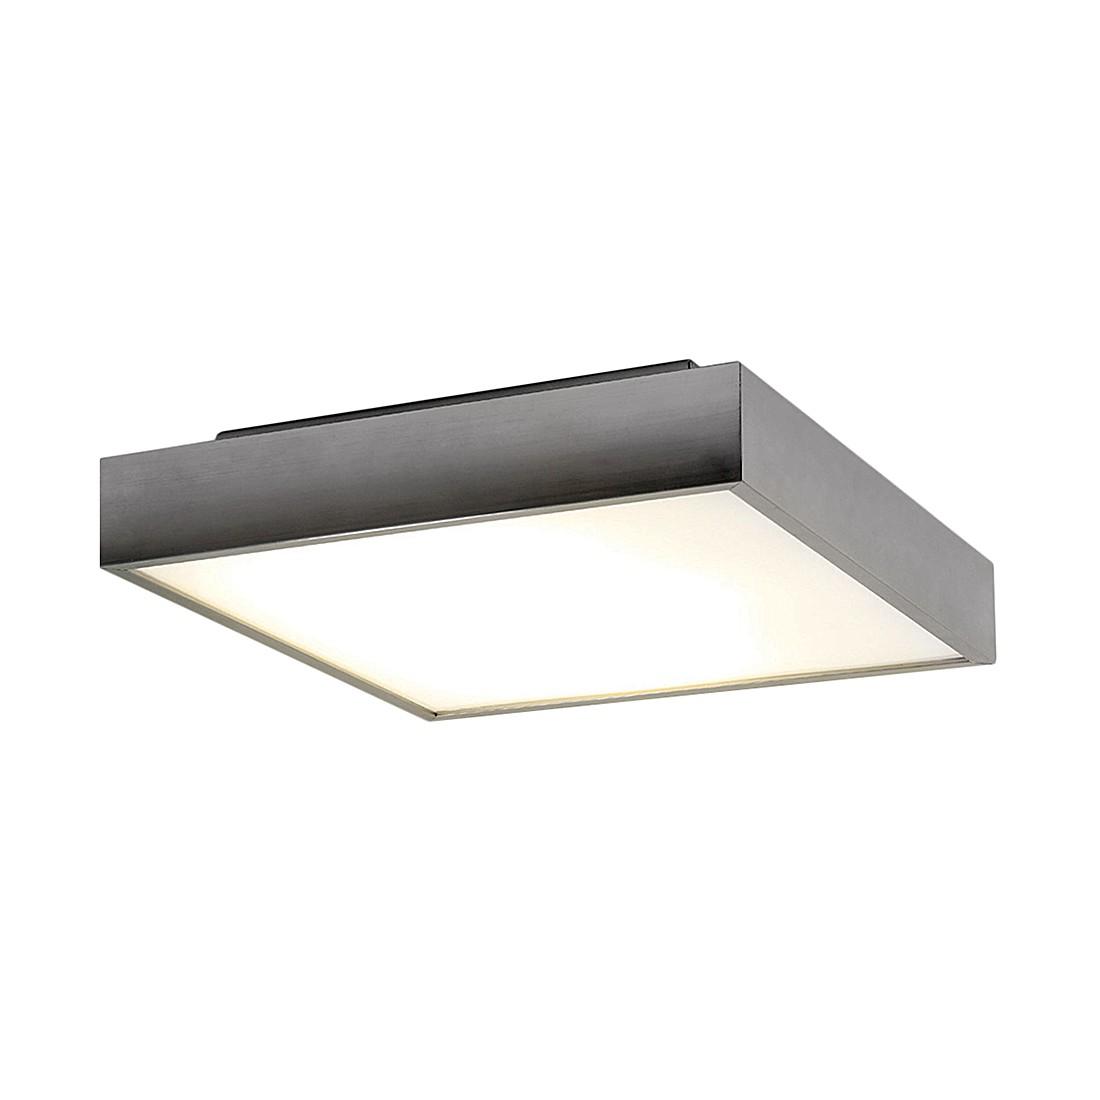 deckenleuchte taketa 2 flammig illumina a g nstig kaufen. Black Bedroom Furniture Sets. Home Design Ideas